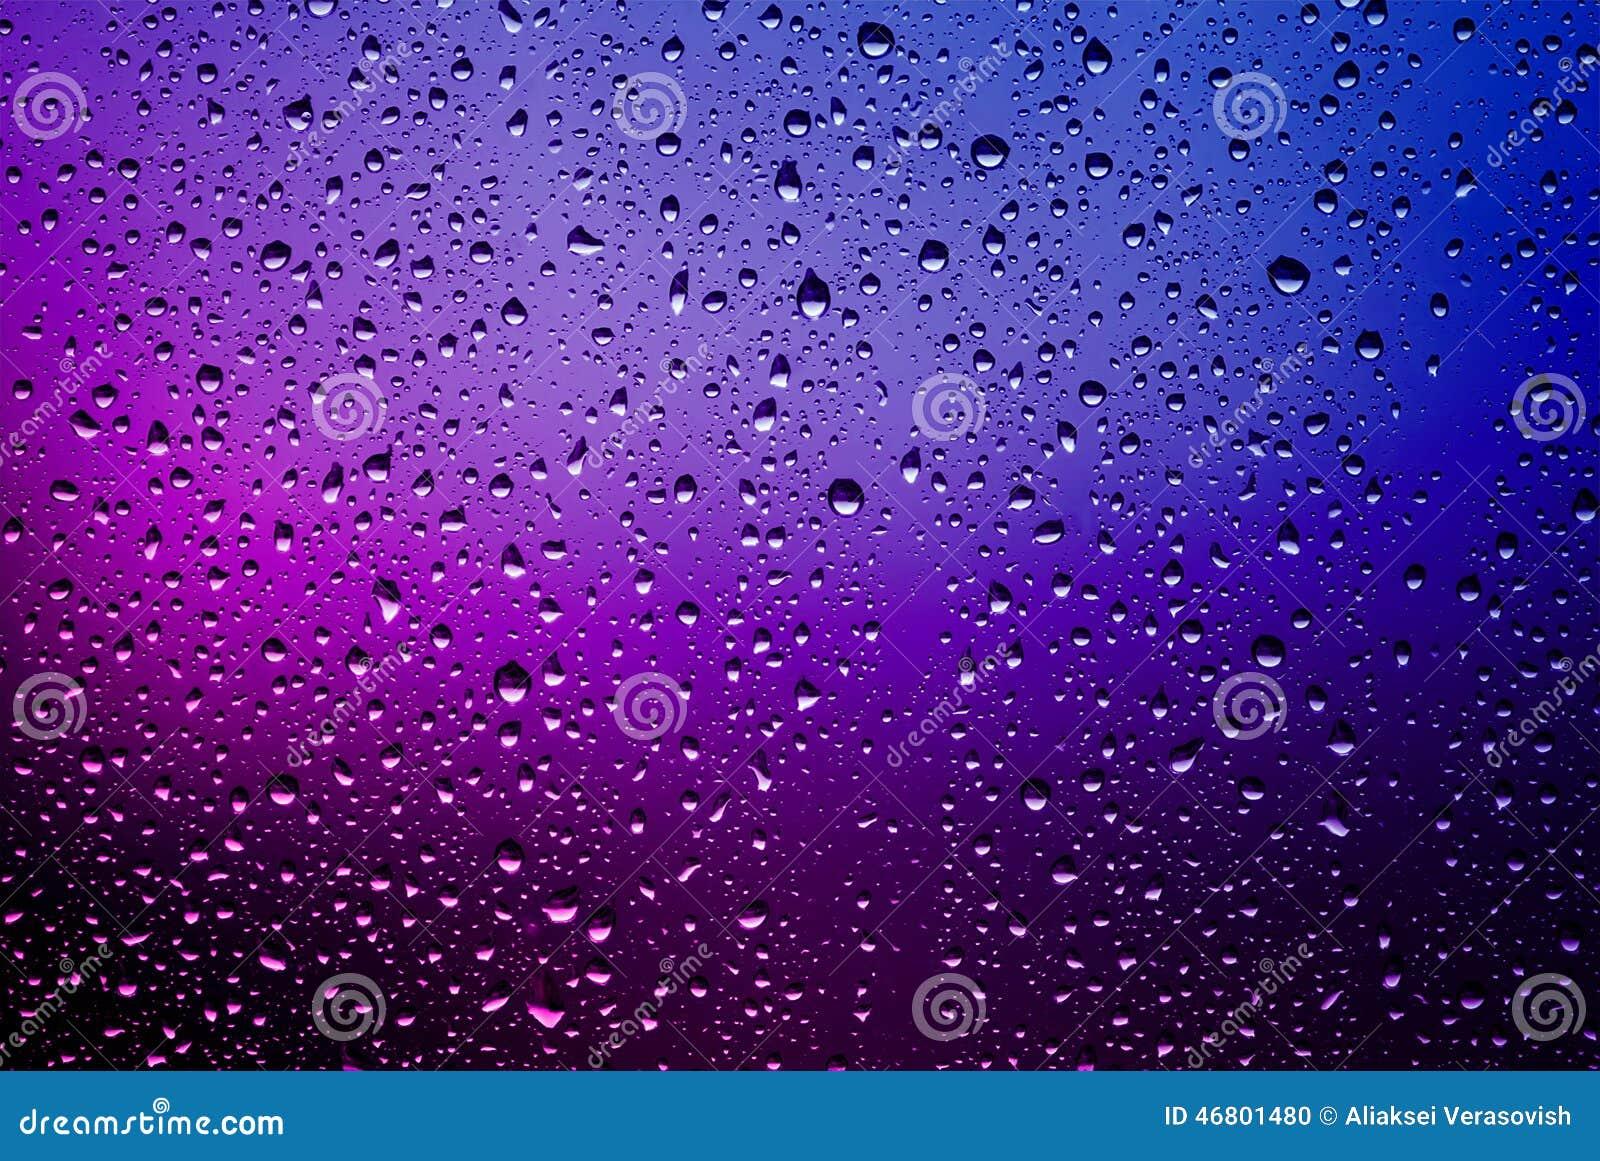 Pingos de chuva em uma placa de janela